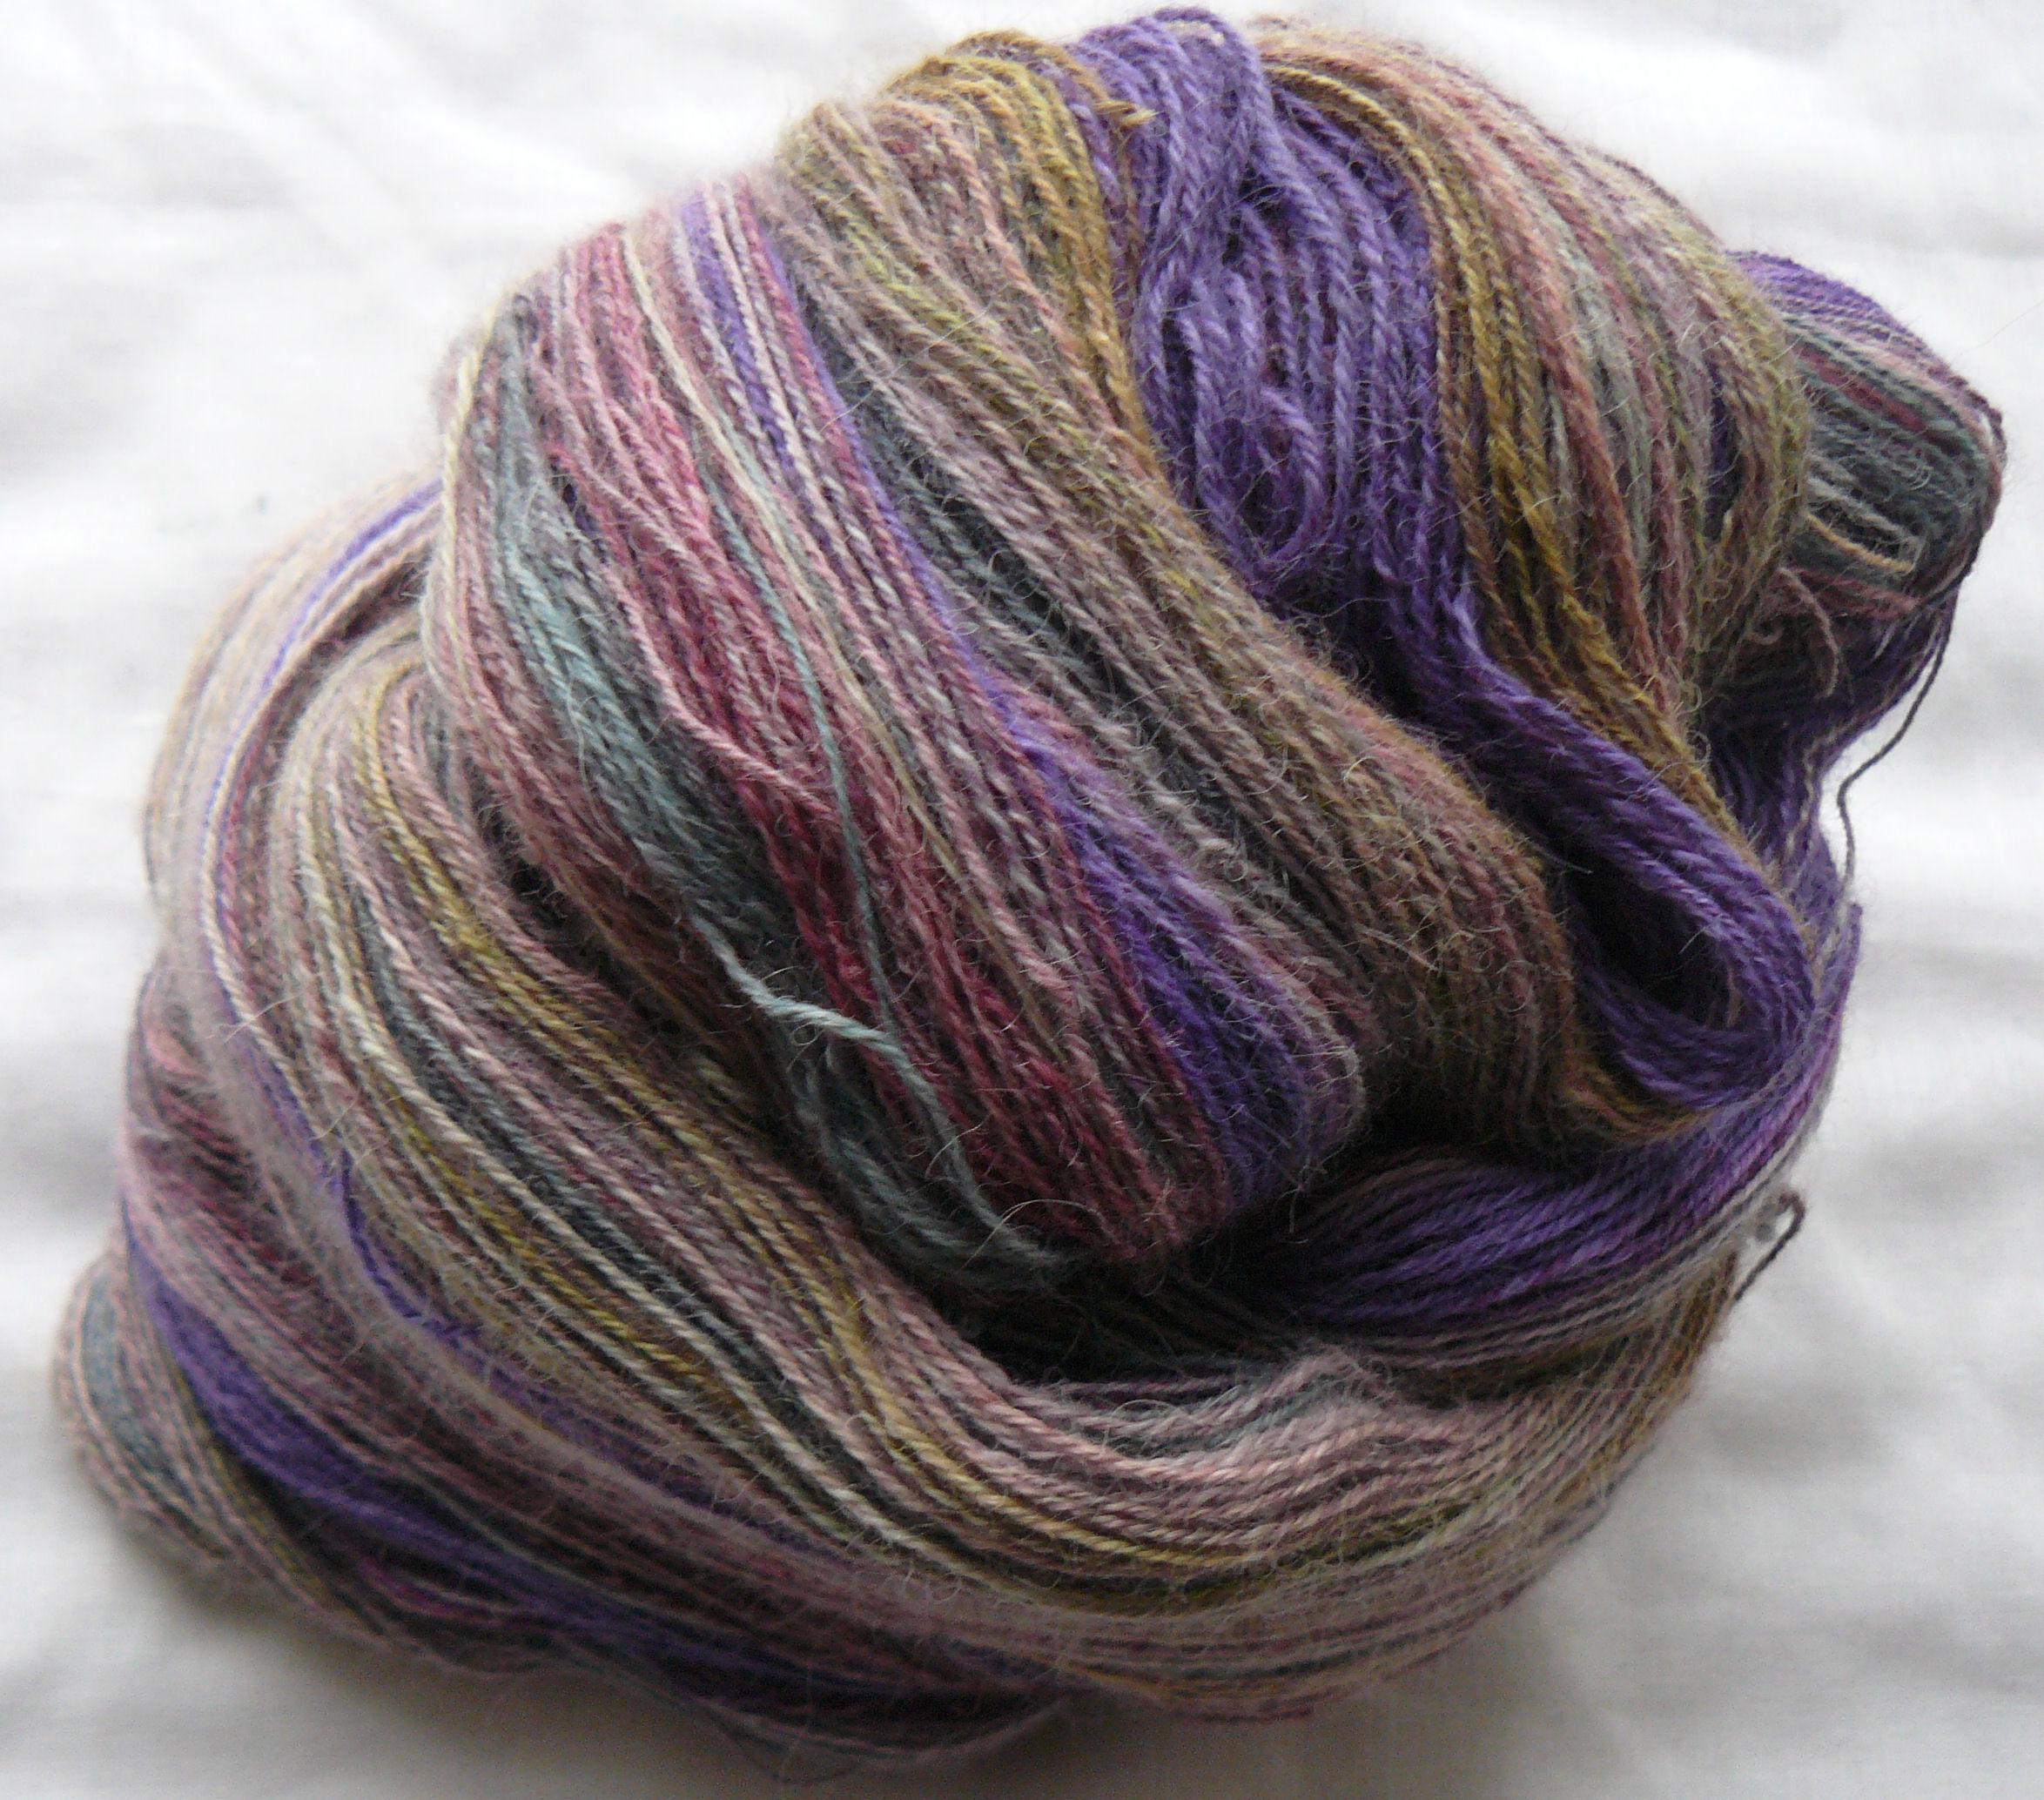 Færdigt tvundet 3-trådet Alpakka Lace